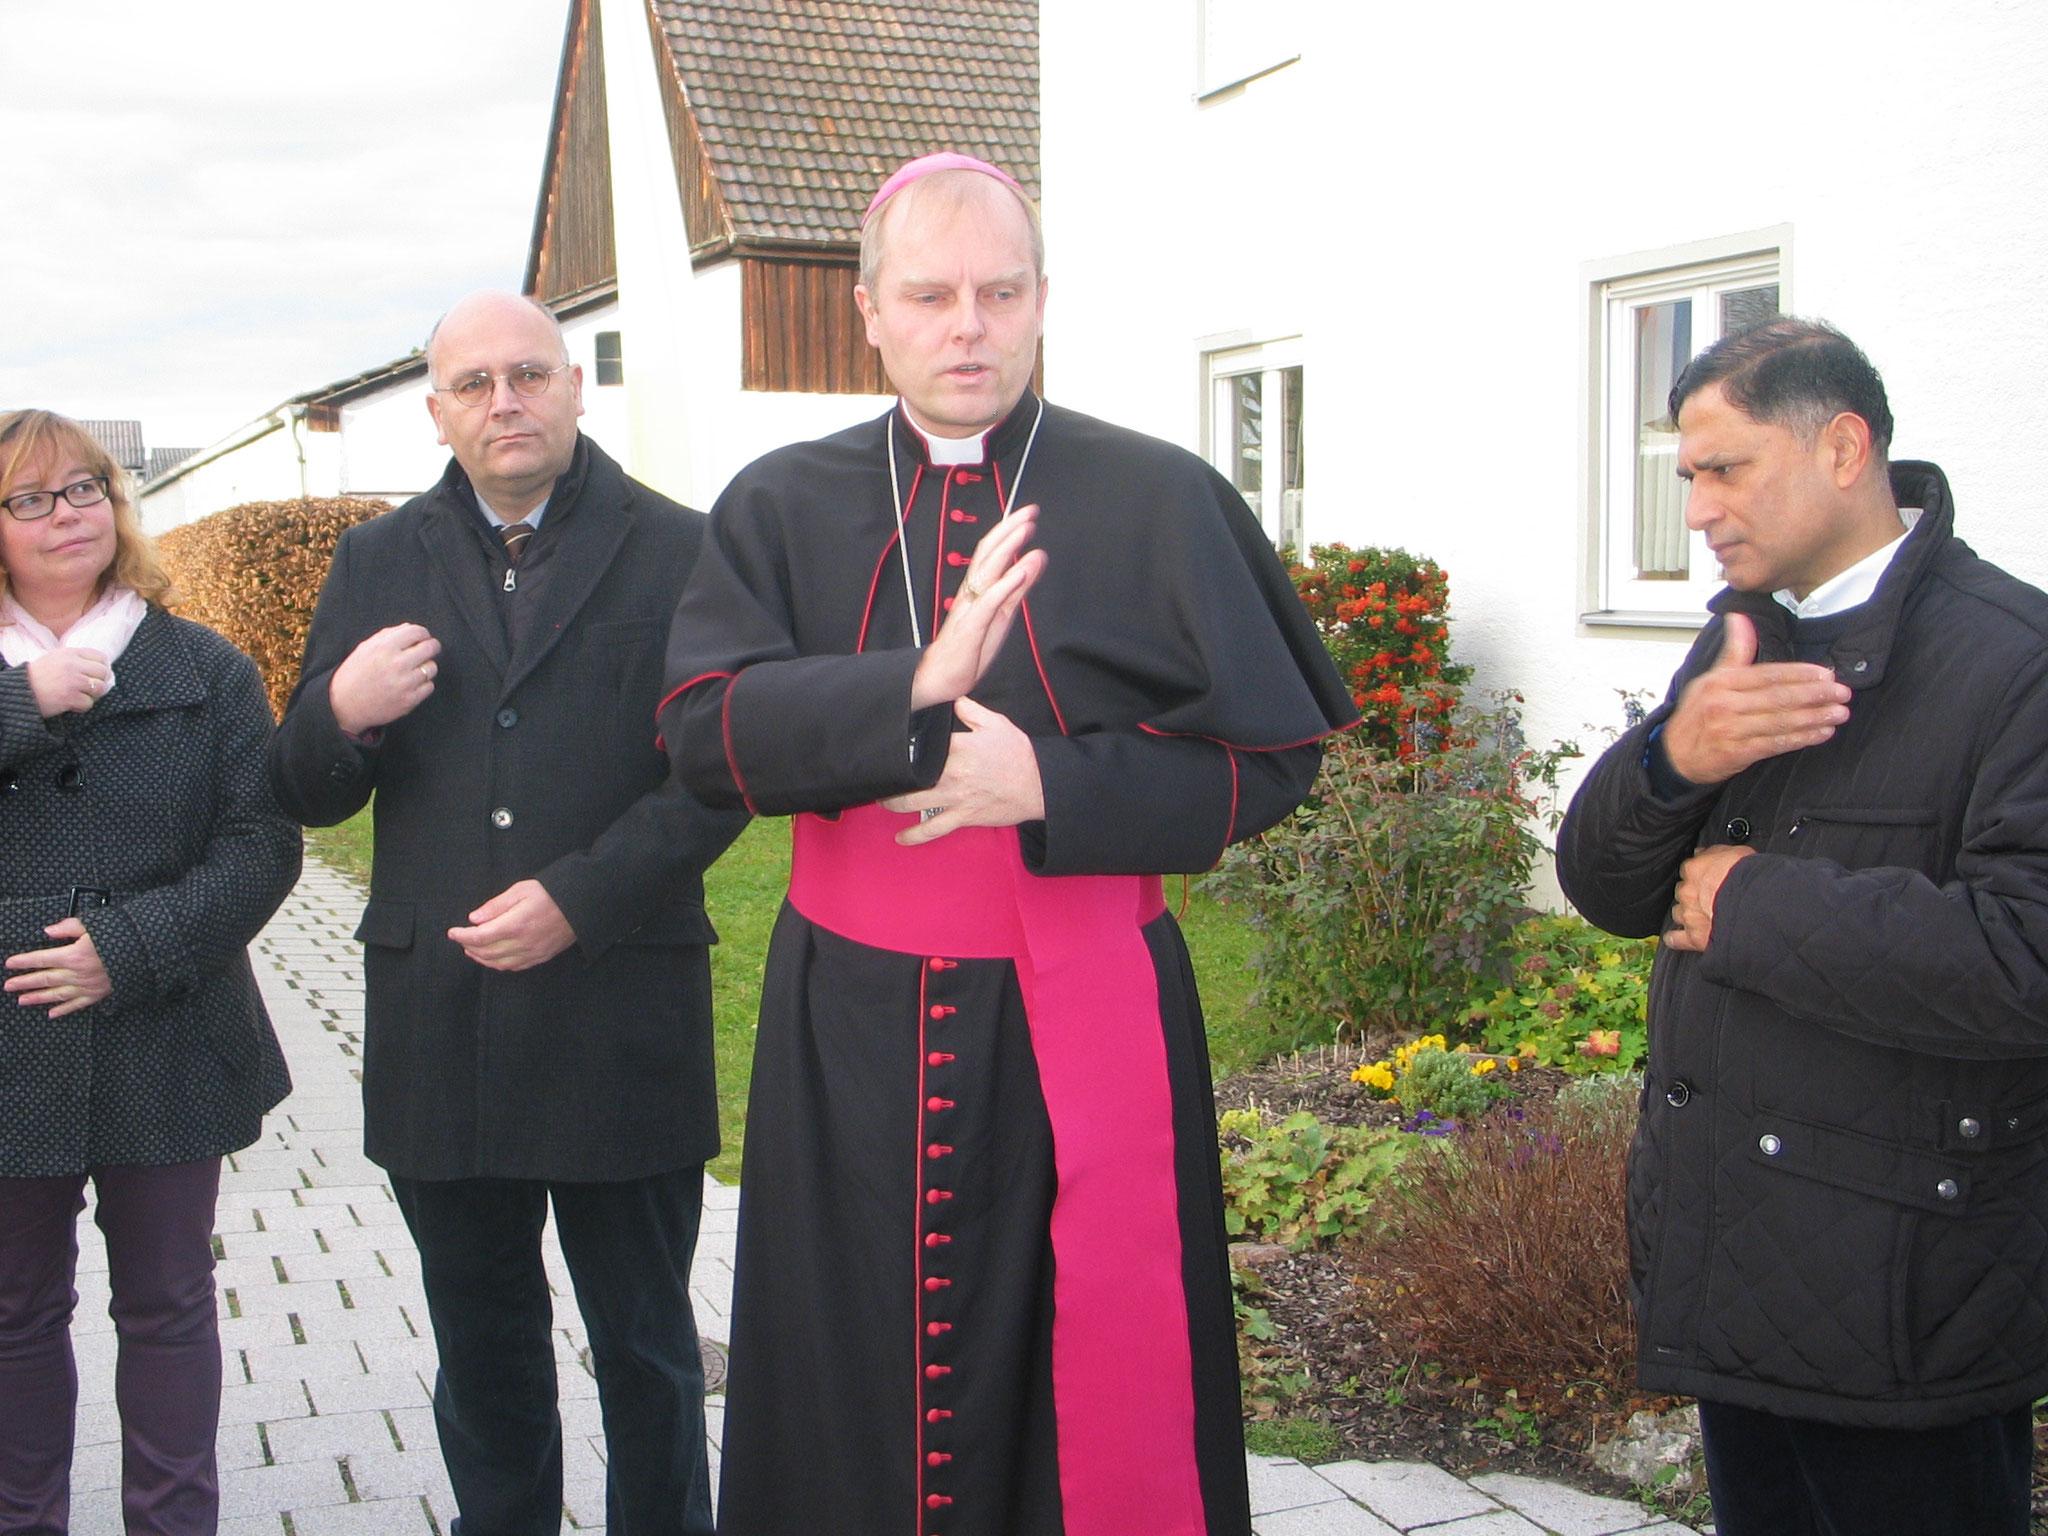 Weihbischof Florian Wörner segnete die Willkommensrunde auf dem Kirchplatz